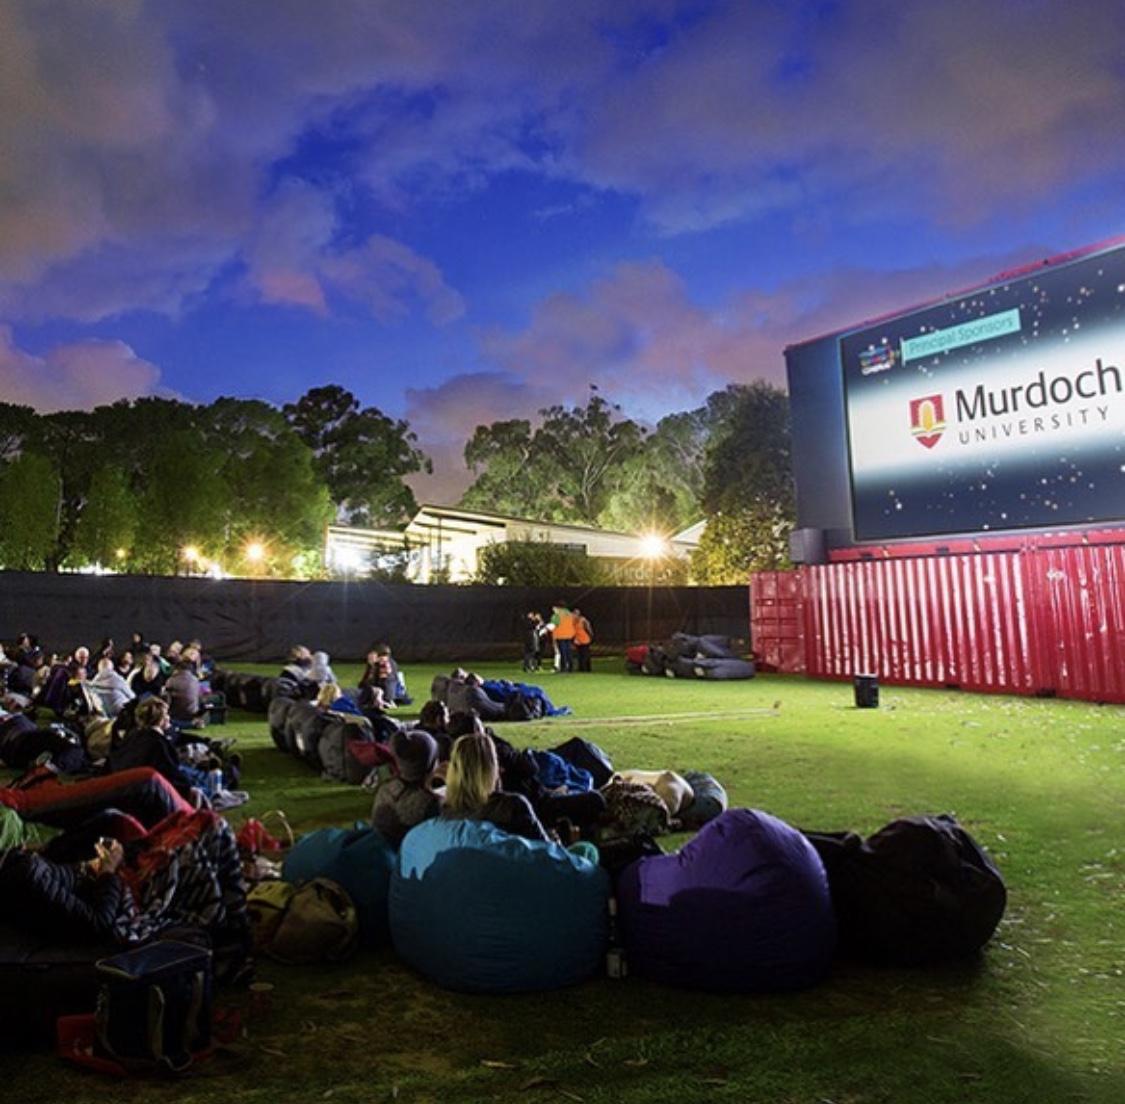 جامعة مردوخ – University of Murdoch